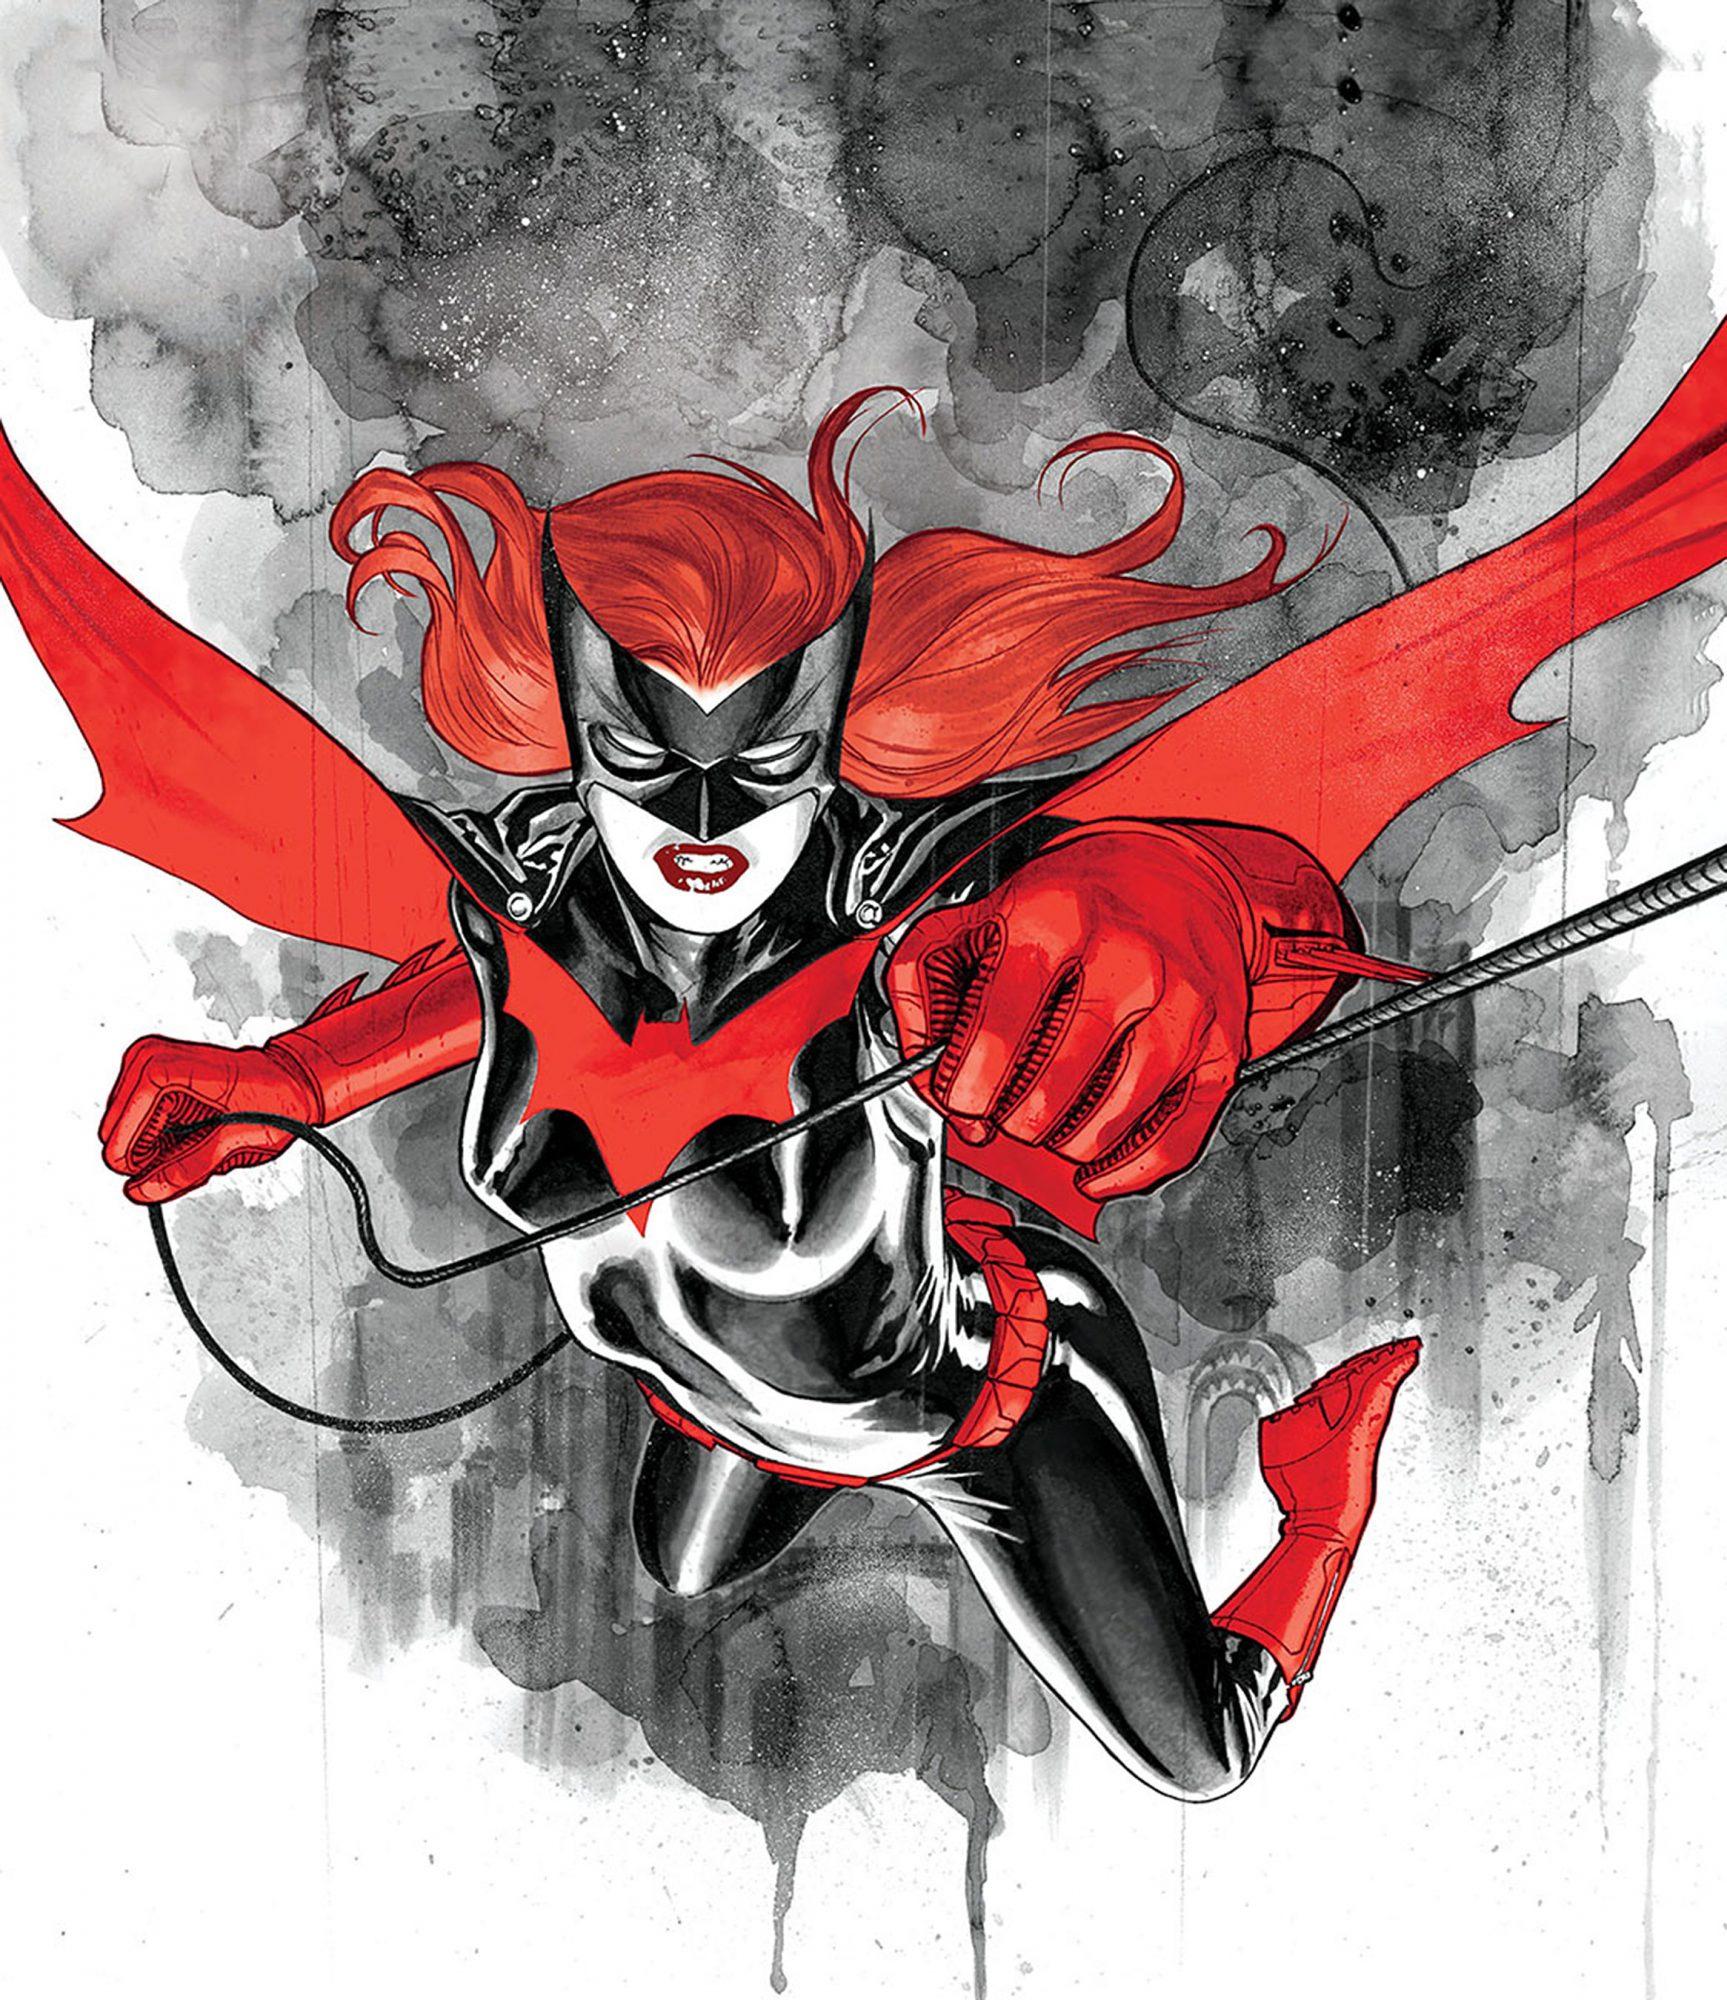 BatwomanCredit: The CW